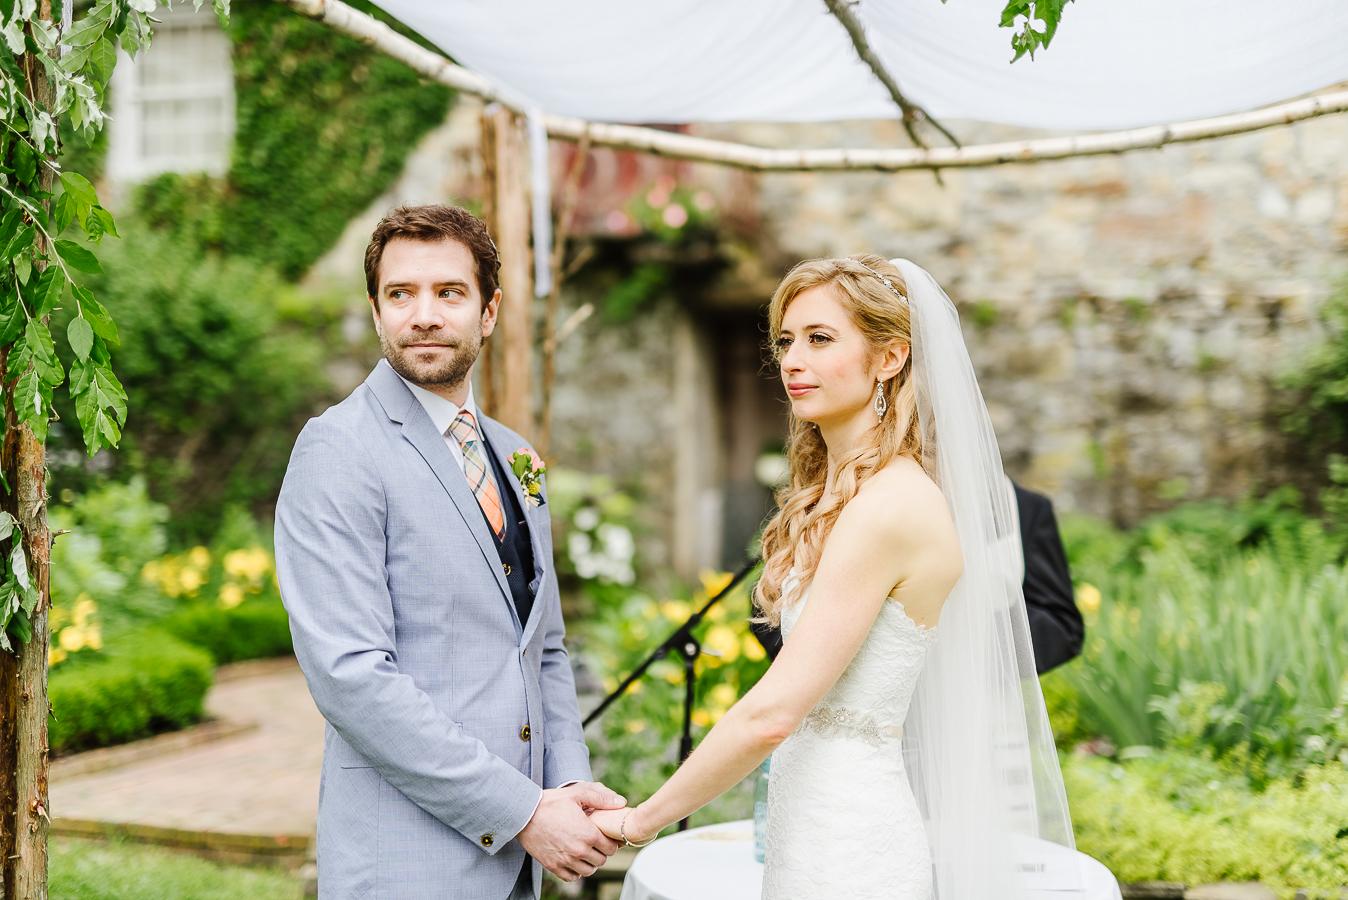 Stylish Crossed Keys Inn Wedding Crossed Keys Wedding Crossed Keys Inn Andover NJ Longbrook Photography-42.jpg